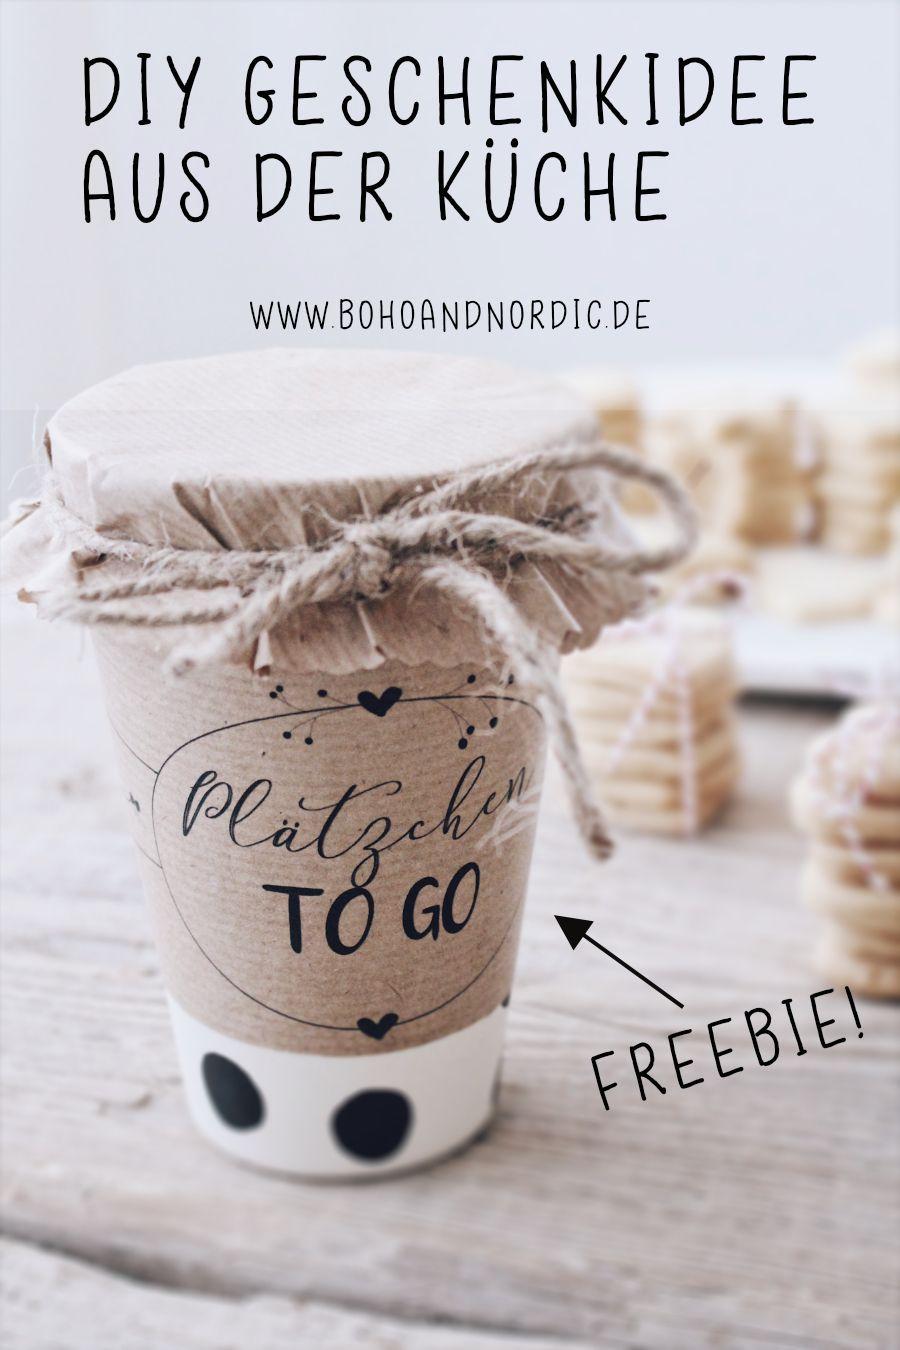 DIY Geschenkidee aus der Küche + Verpackungsidee und Freebie #diyundselbermachen